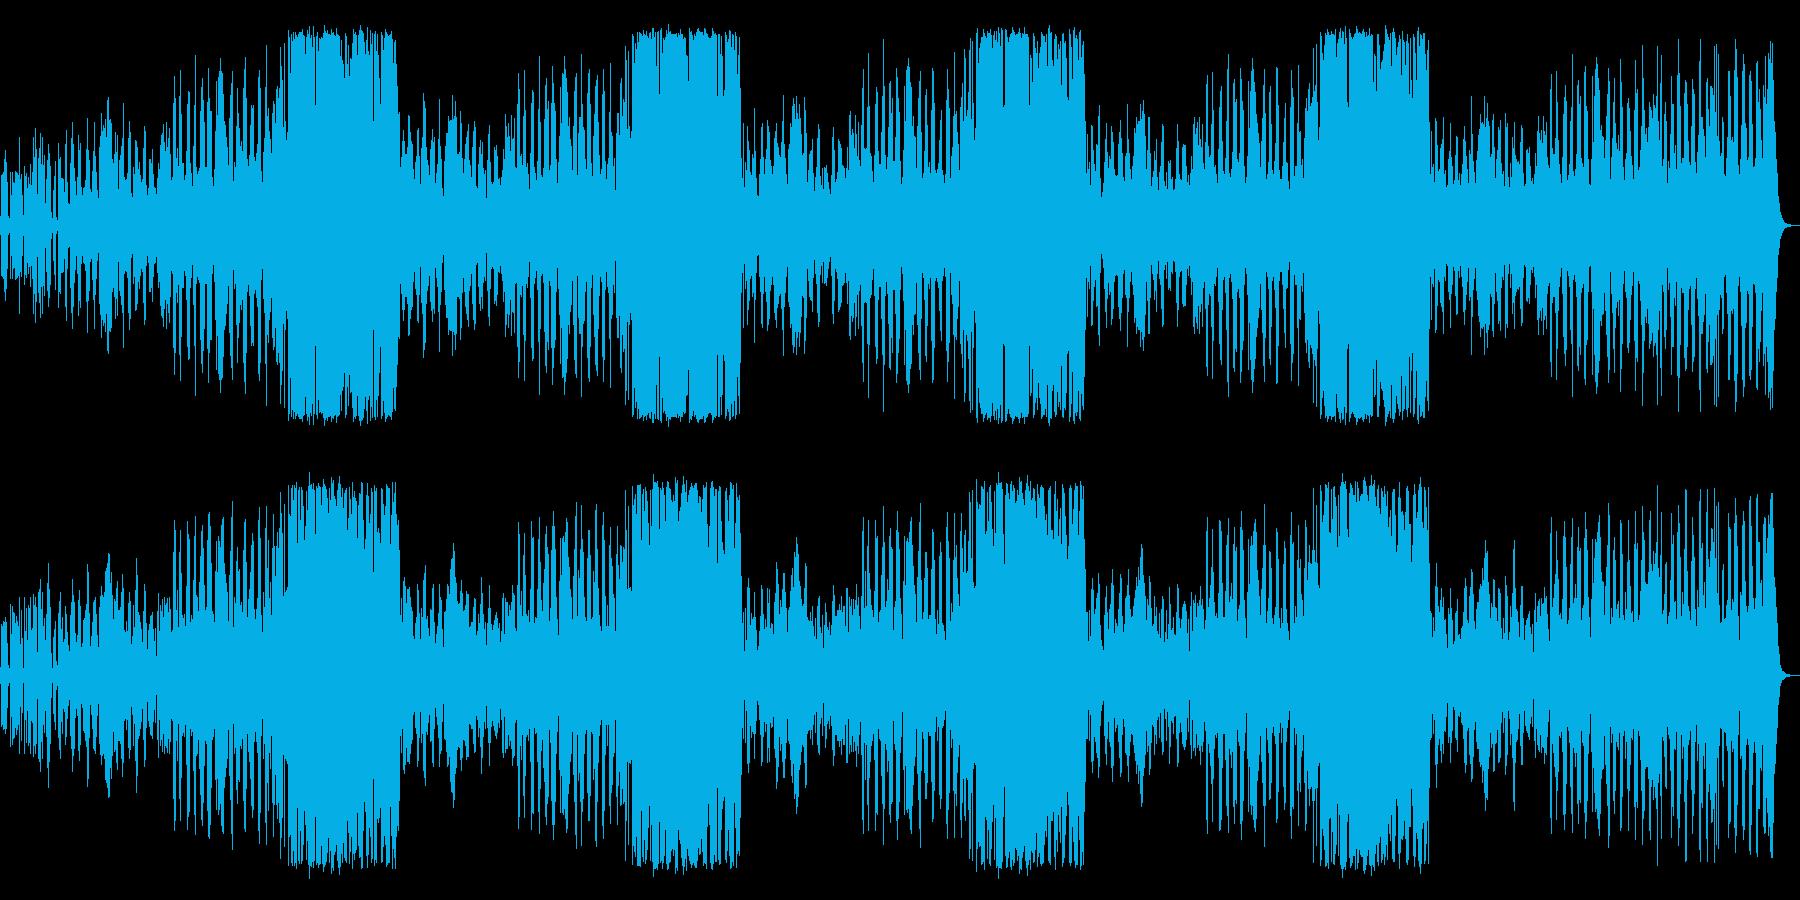 一日の始まりにピッタリのポップスの再生済みの波形